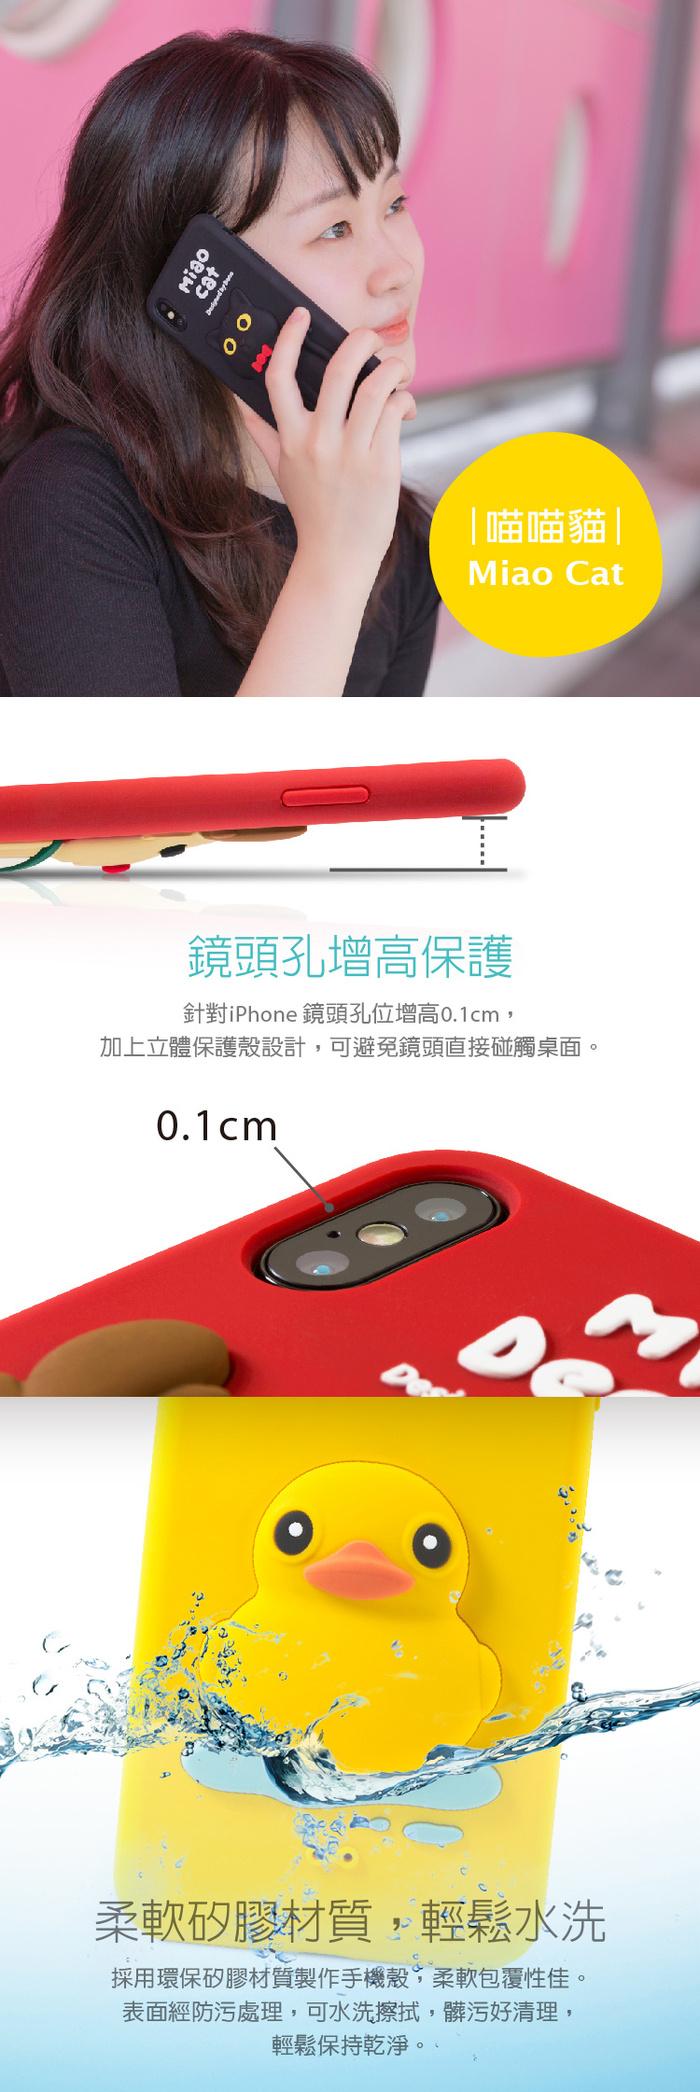 (複製)Bone / iPhone XS Max 手機殼 泡泡保護套 (6.5吋)